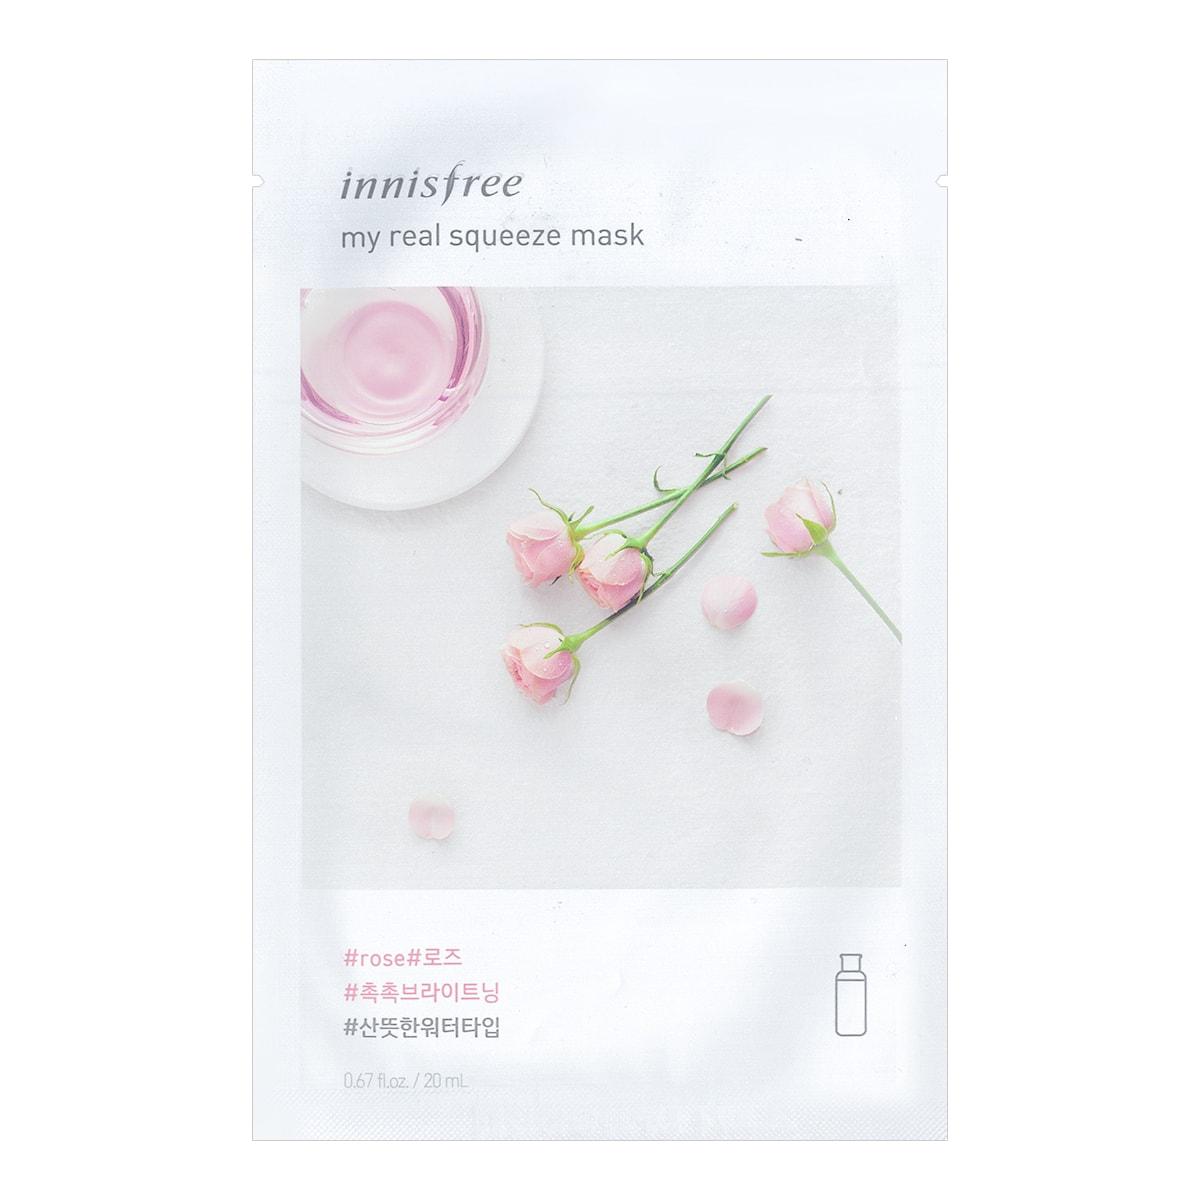 韩国INNISFREE悦诗风吟 悦享鲜萃蔷薇面膜 单片入